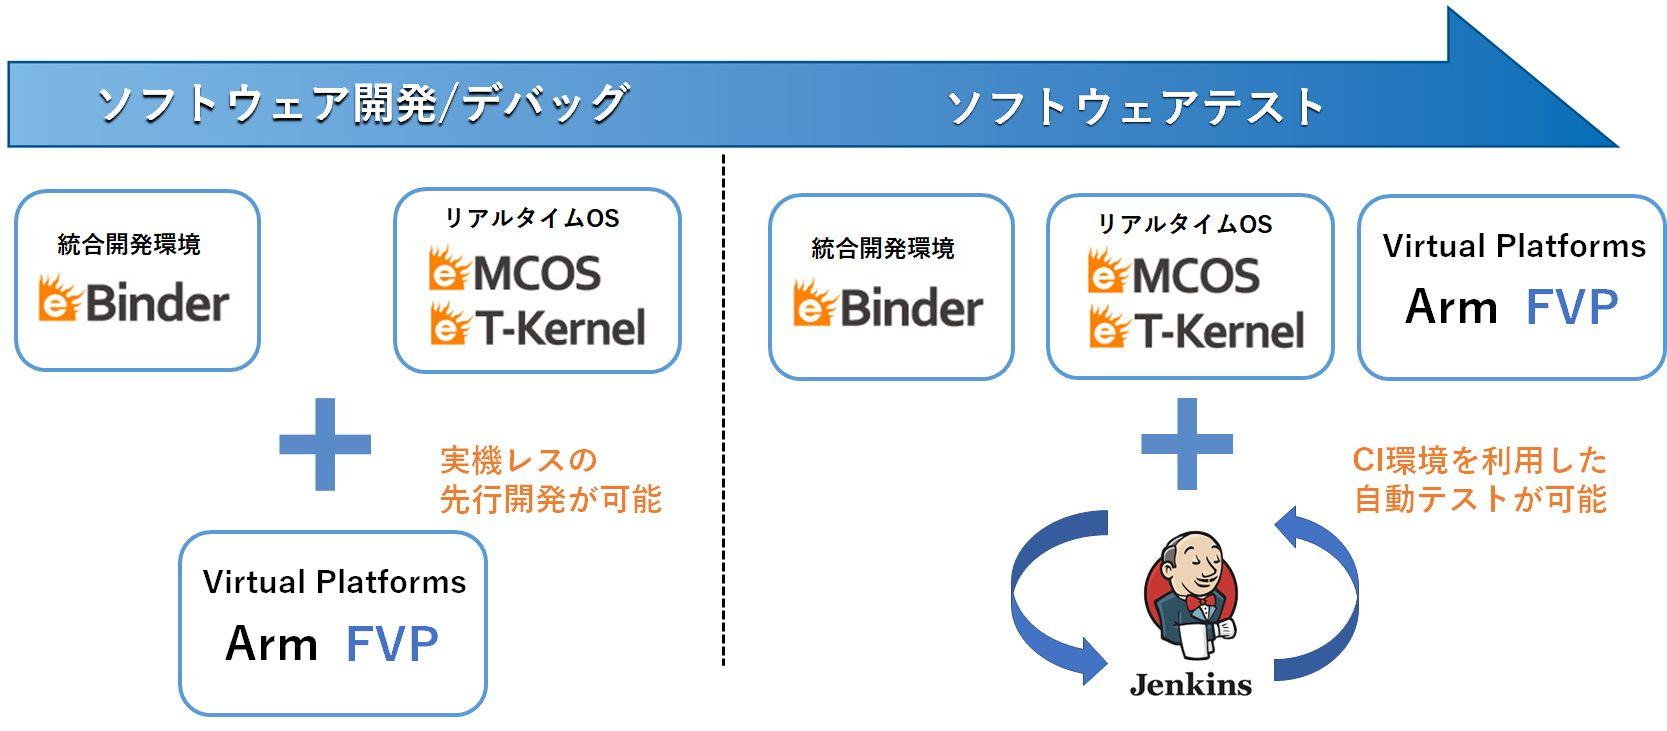 eBinder Fast Models標準バンドル